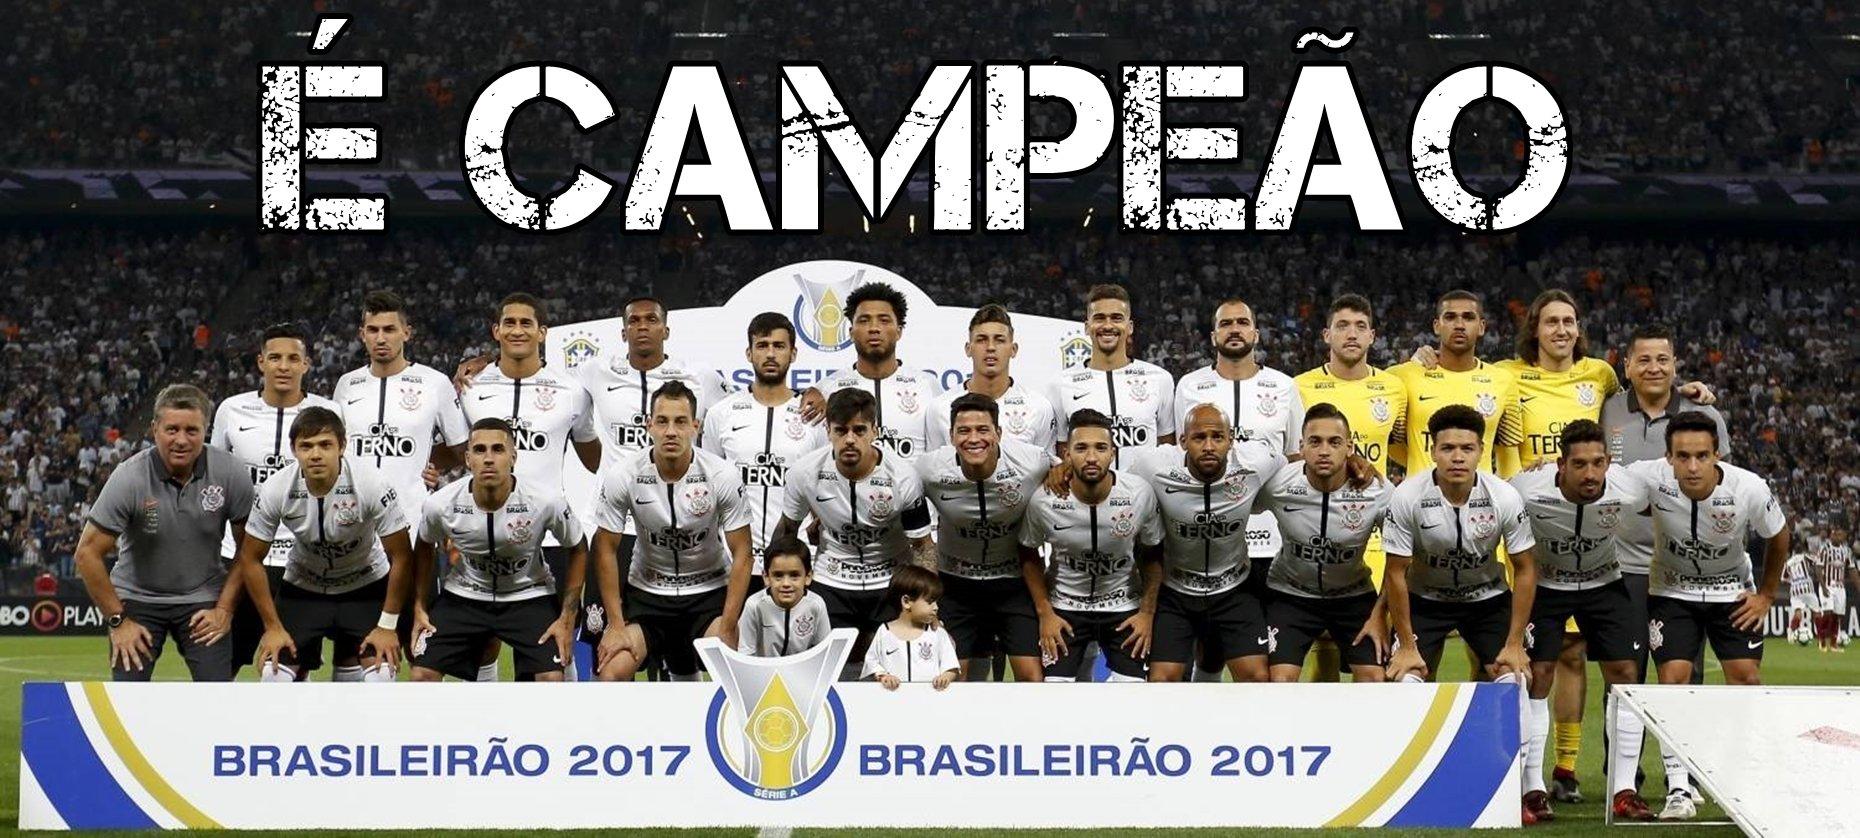 30 Frases Corinthians Campeão Brasileiro 2017 Para Facebook